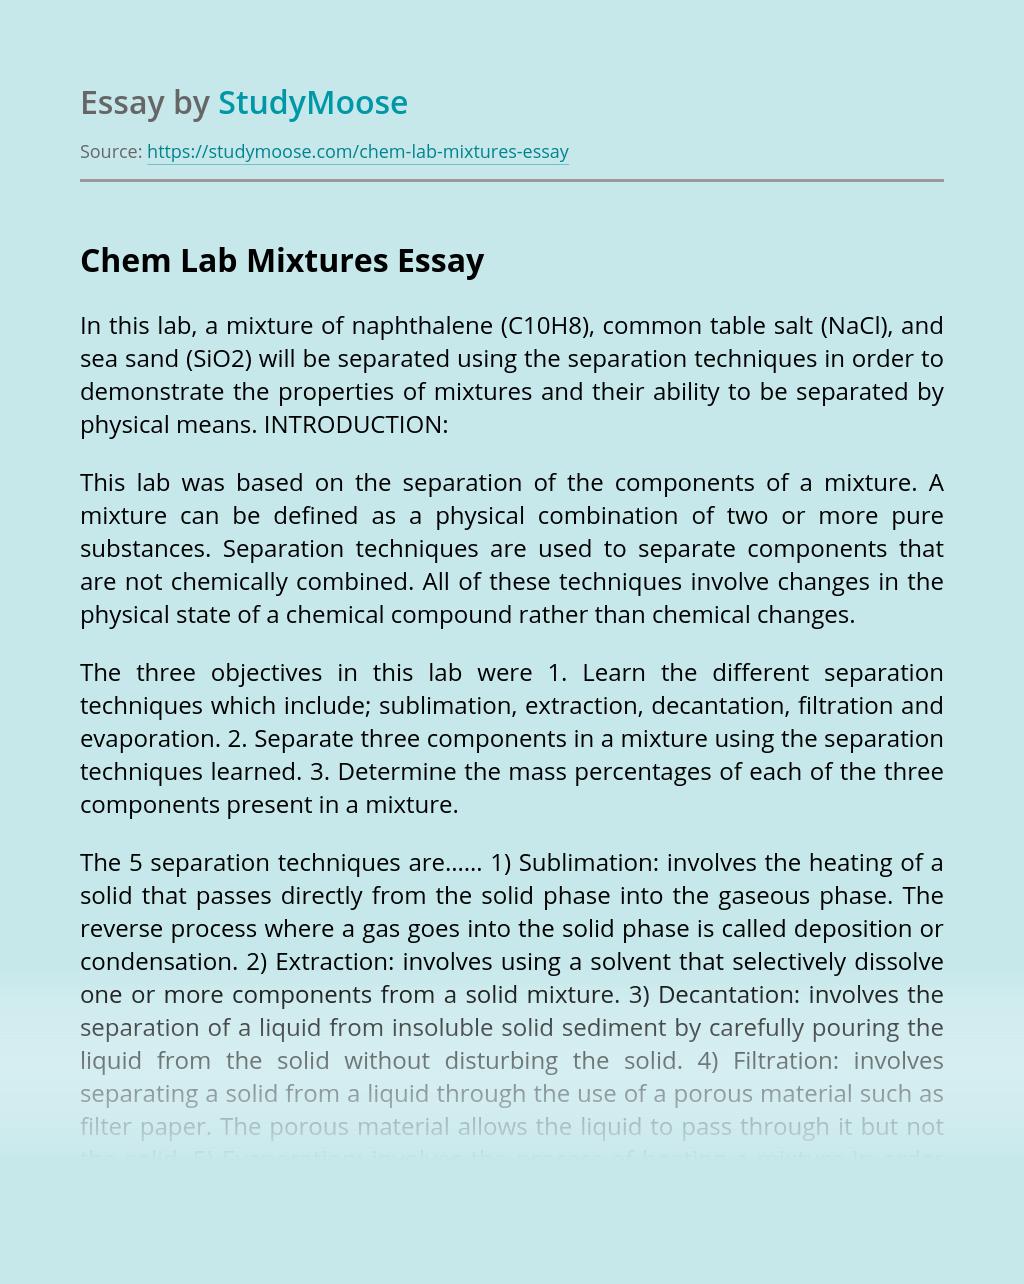 Chem Lab Mixtures